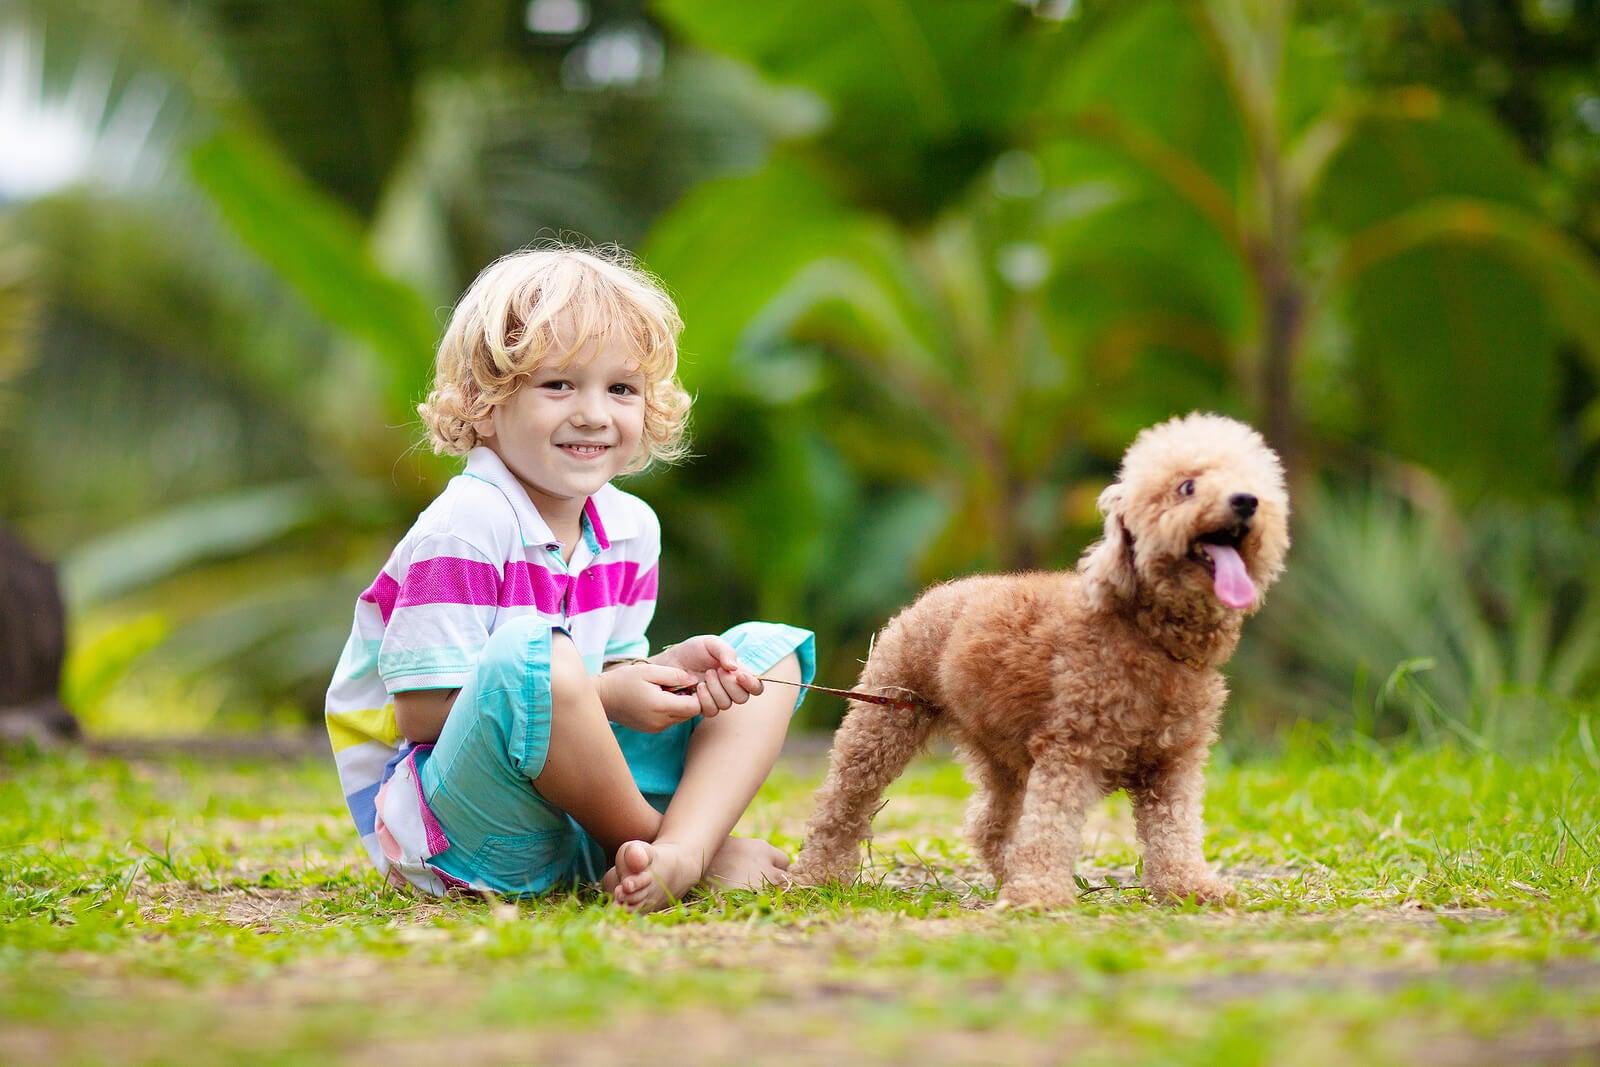 Niño alegre paseando al perro, pues la alegría es uno de los estados de ánimo que favorecen el aprendizaje.